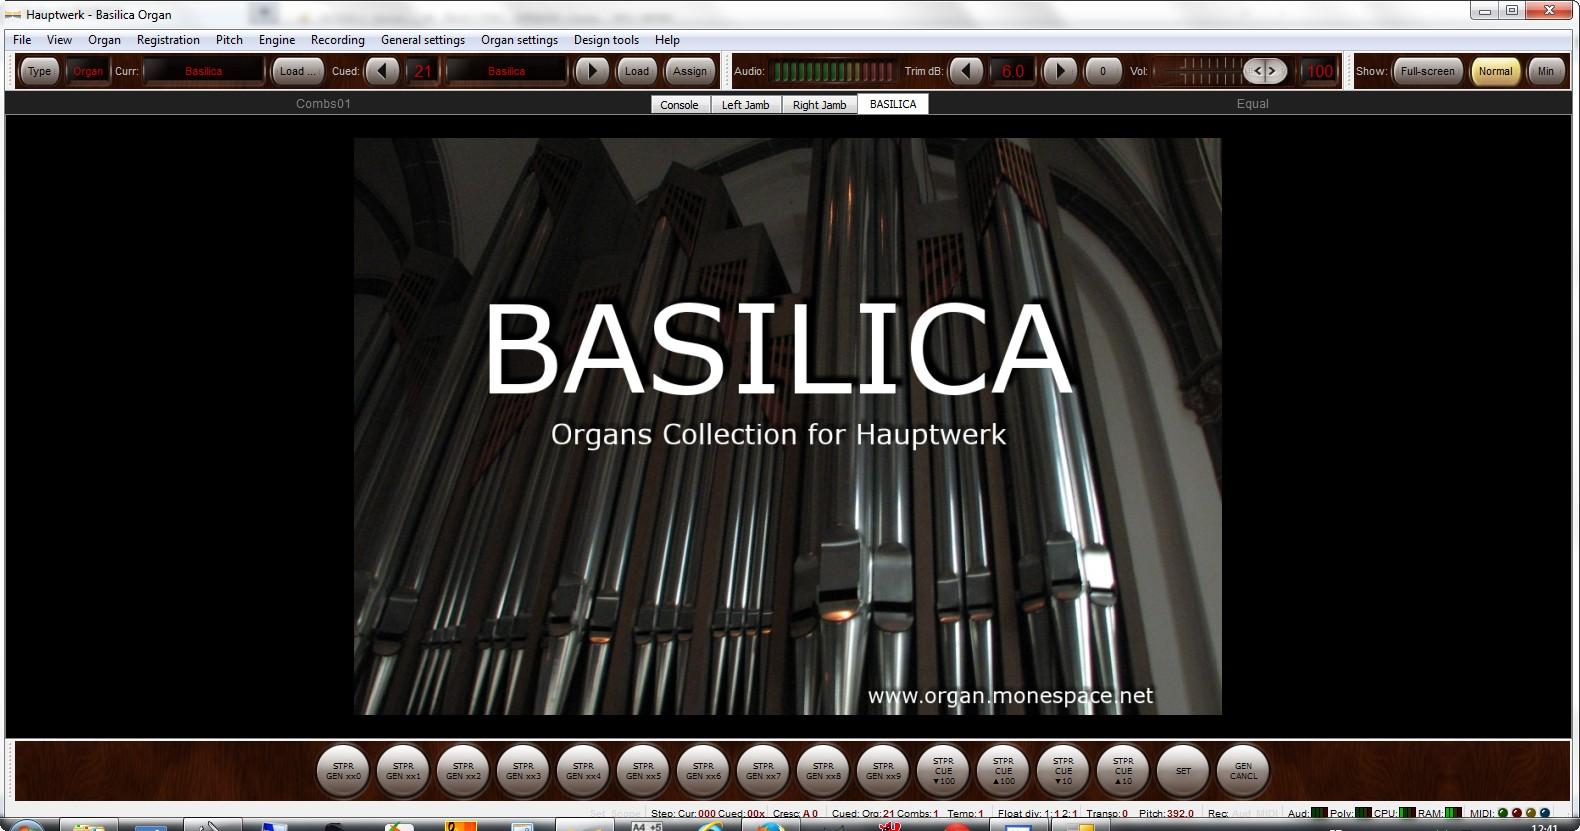 Basilica software